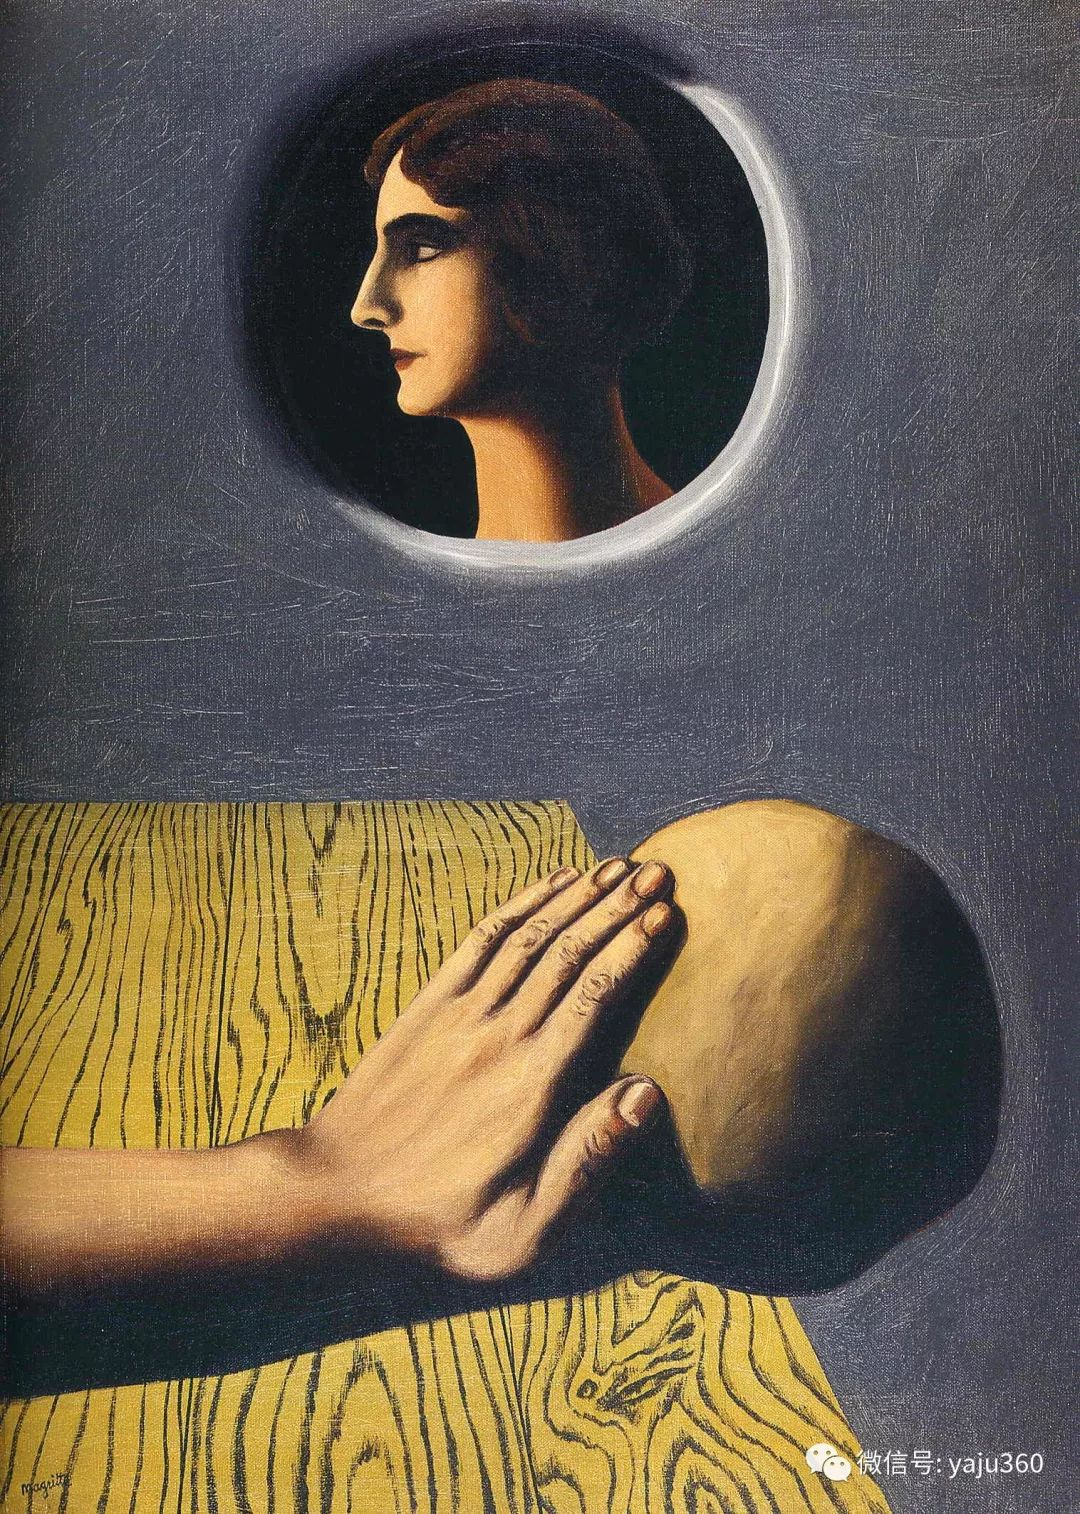 超现实主义 比利时画家Rene Magritte插图63